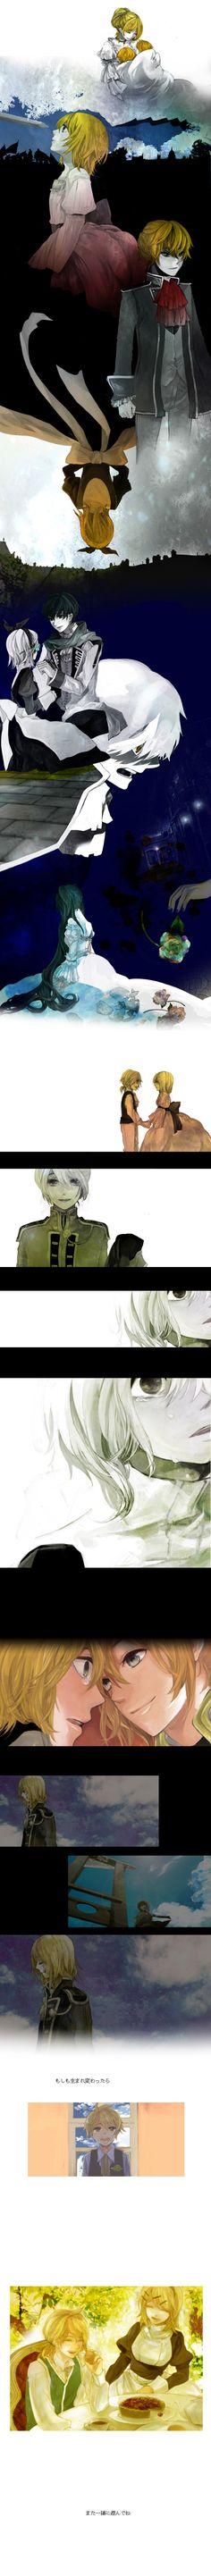 """/Story of Evil/#589697 - Zerochan   Kagamine Rin & Len's """"Daughter of Evil/Servant of Evil"""""""